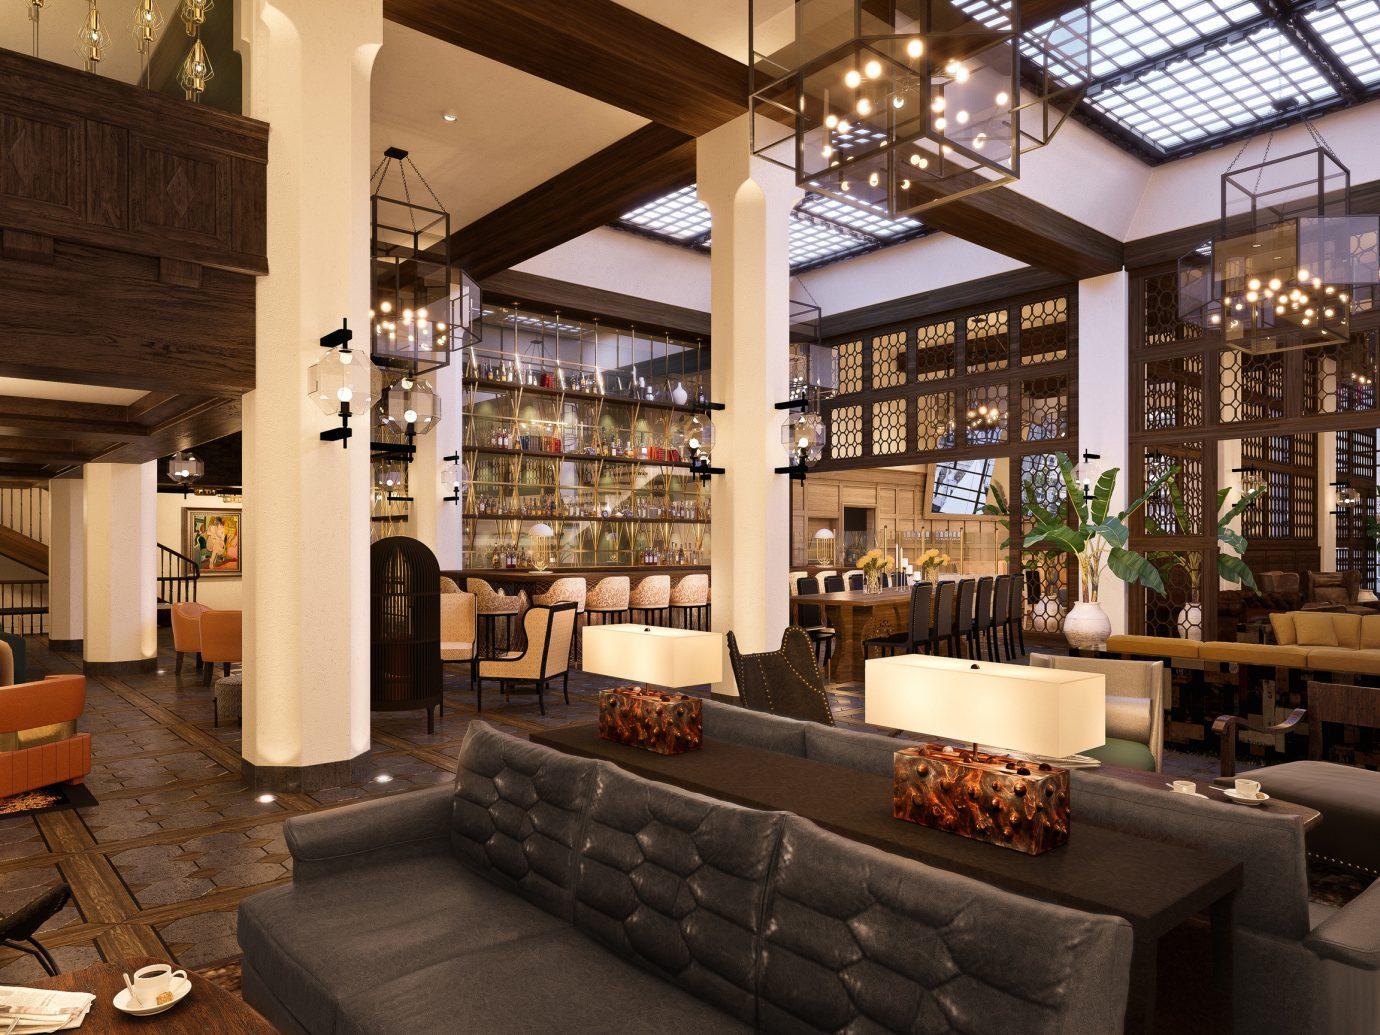 Hotels indoor property Lobby room estate ceiling interior design home restaurant Design living room furniture